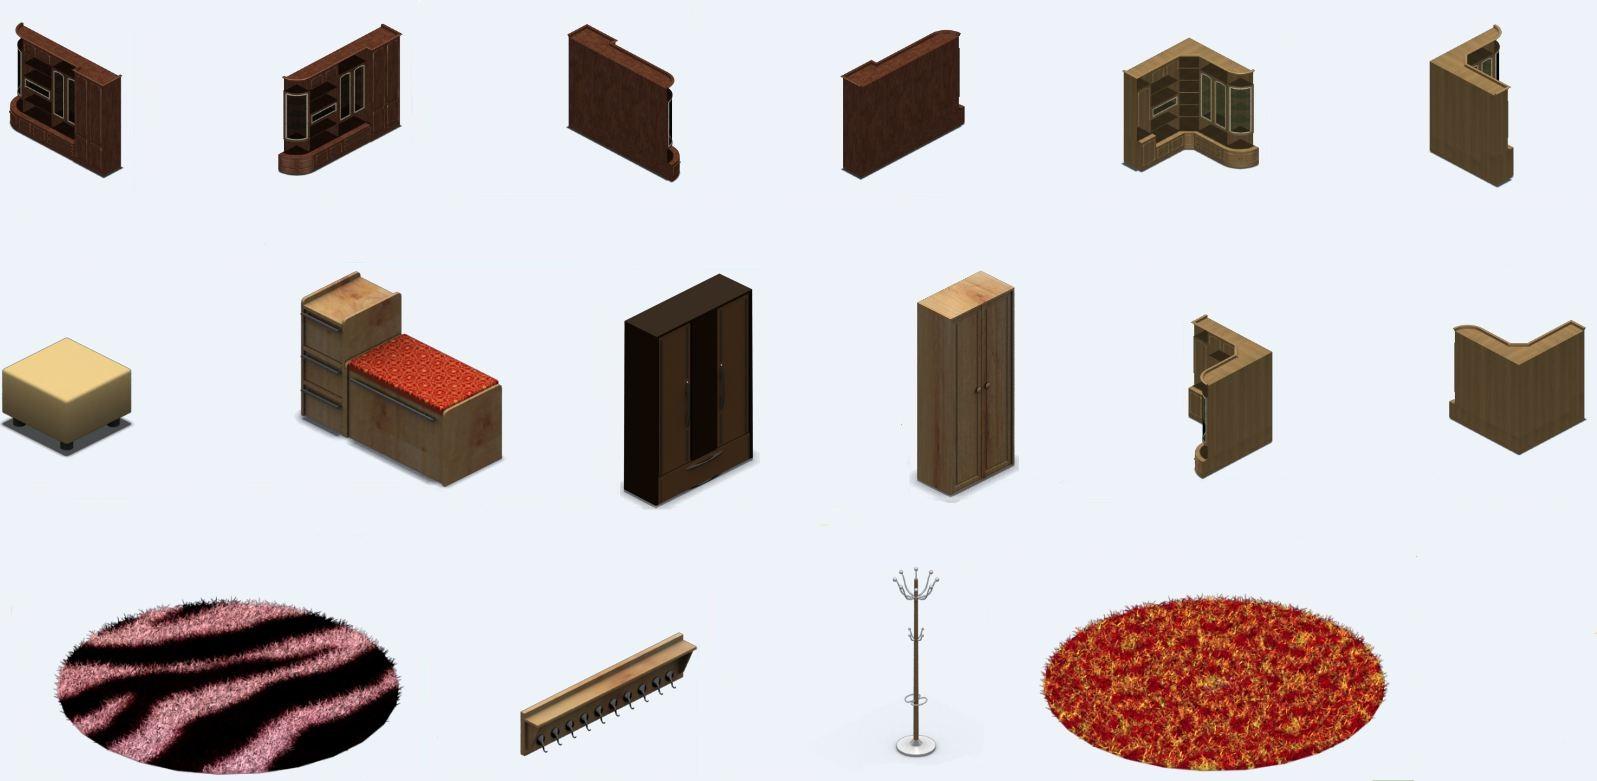 Шкафы (2) для аналога игры Sims